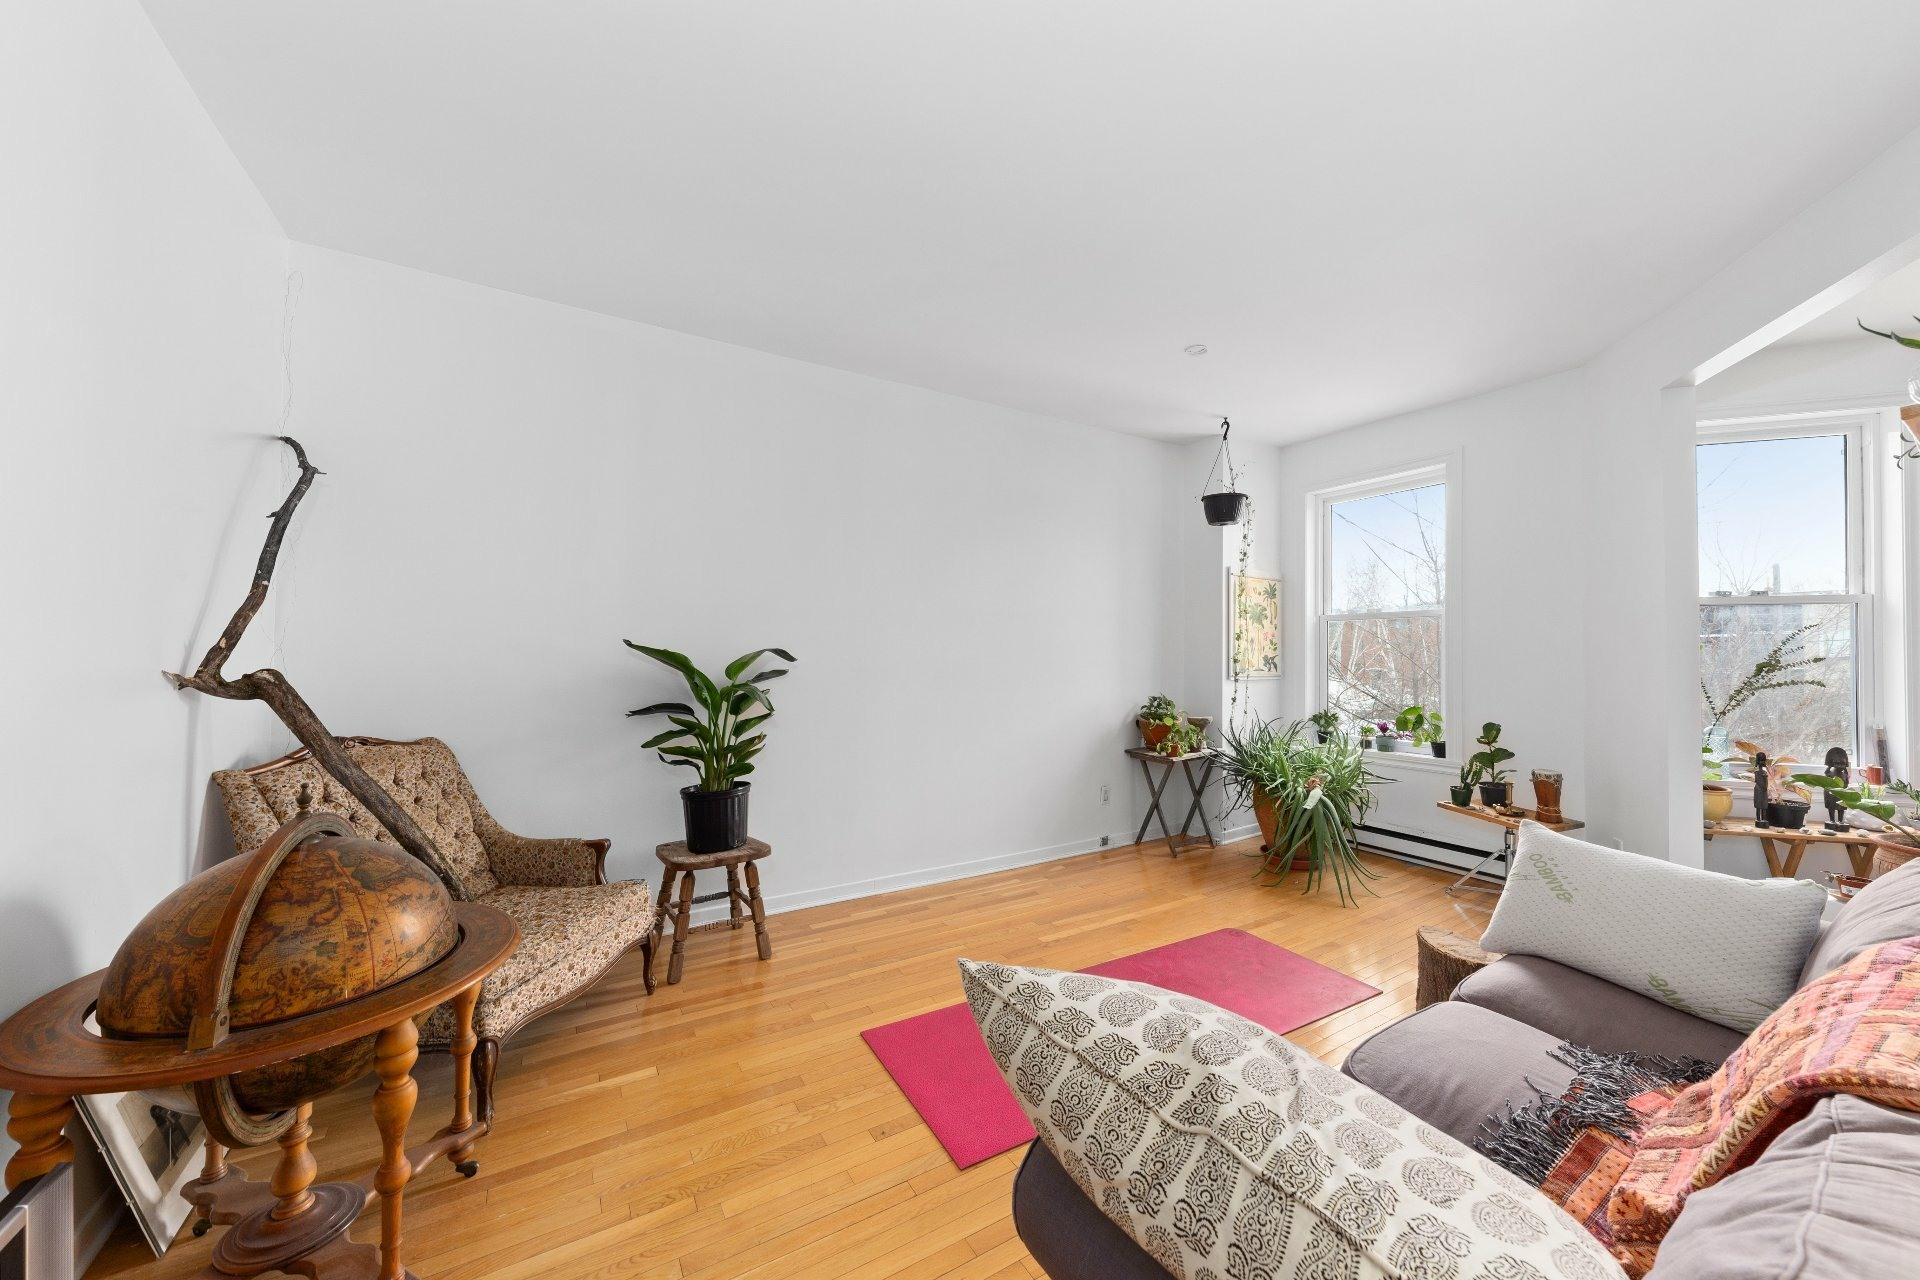 image 27 - Duplex For sale Le Plateau-Mont-Royal Montréal  - 5 rooms